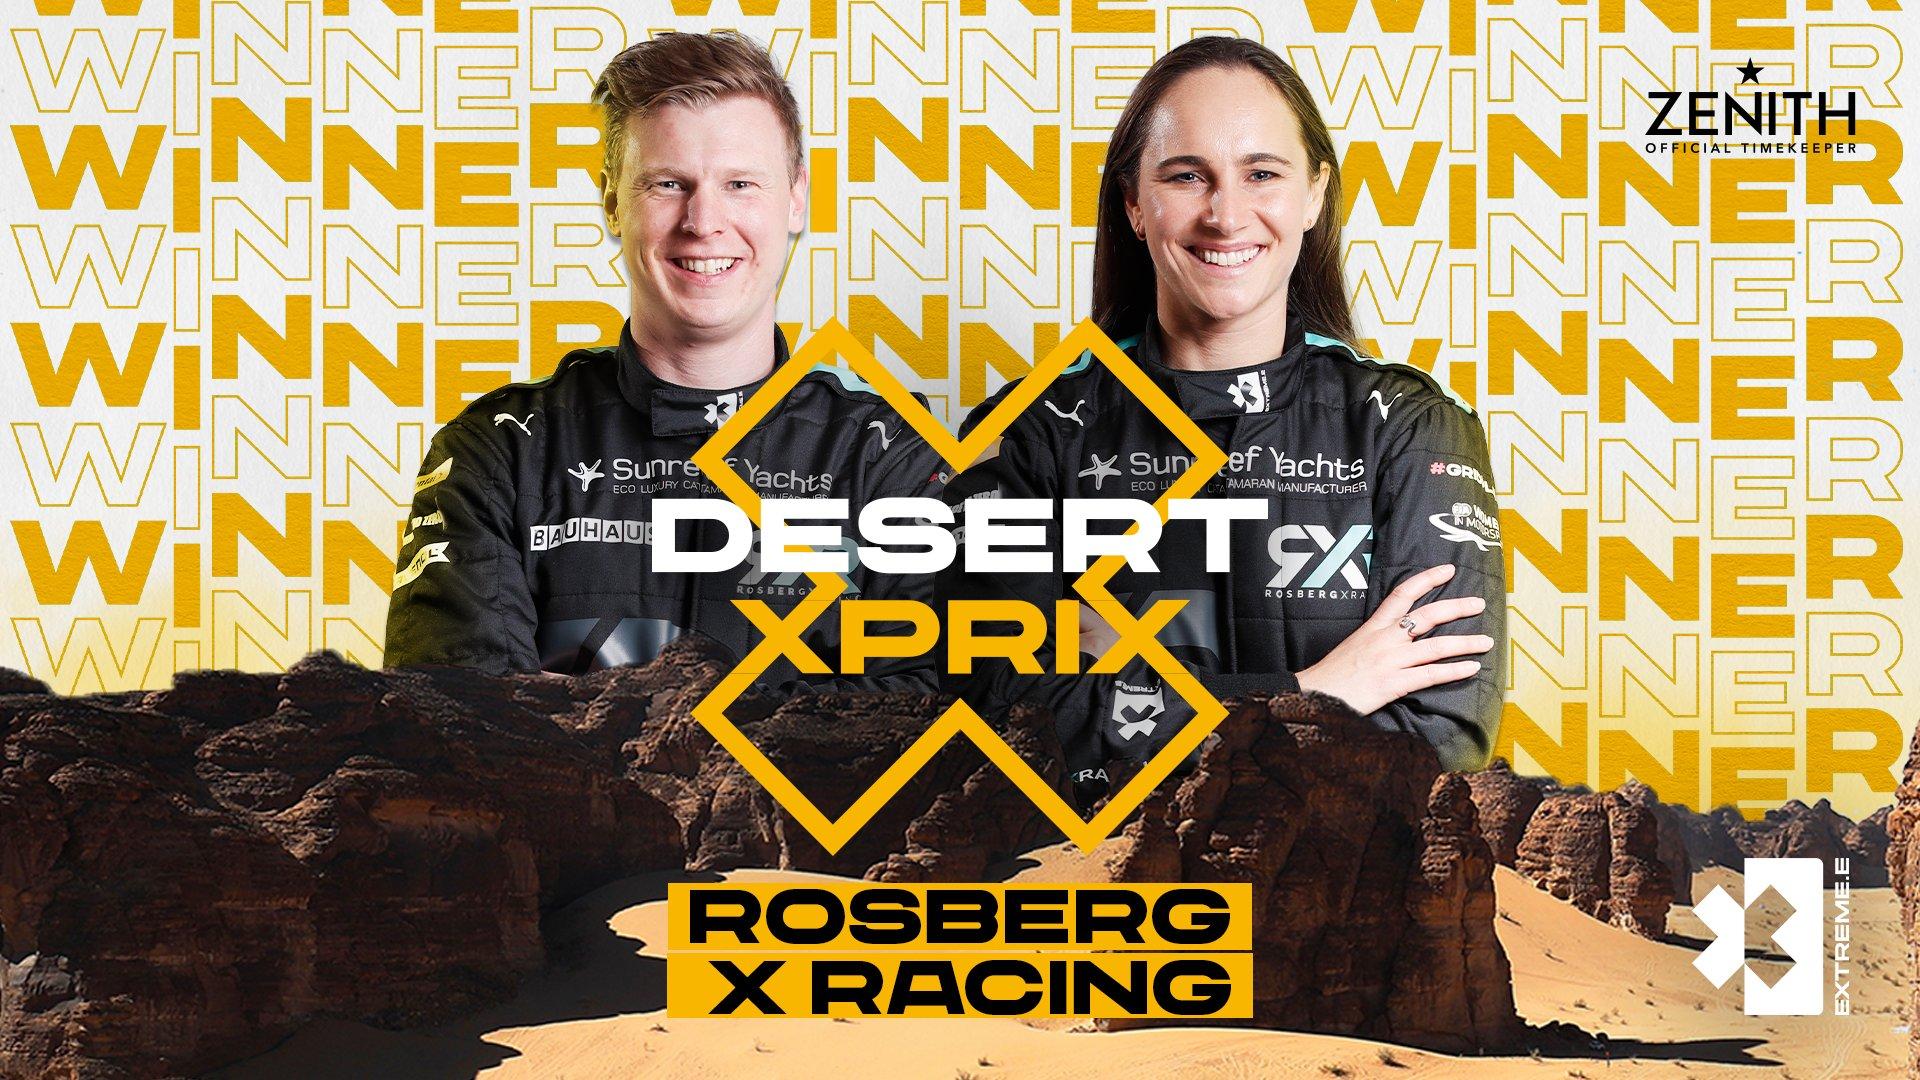 Desert X Prix - Winners